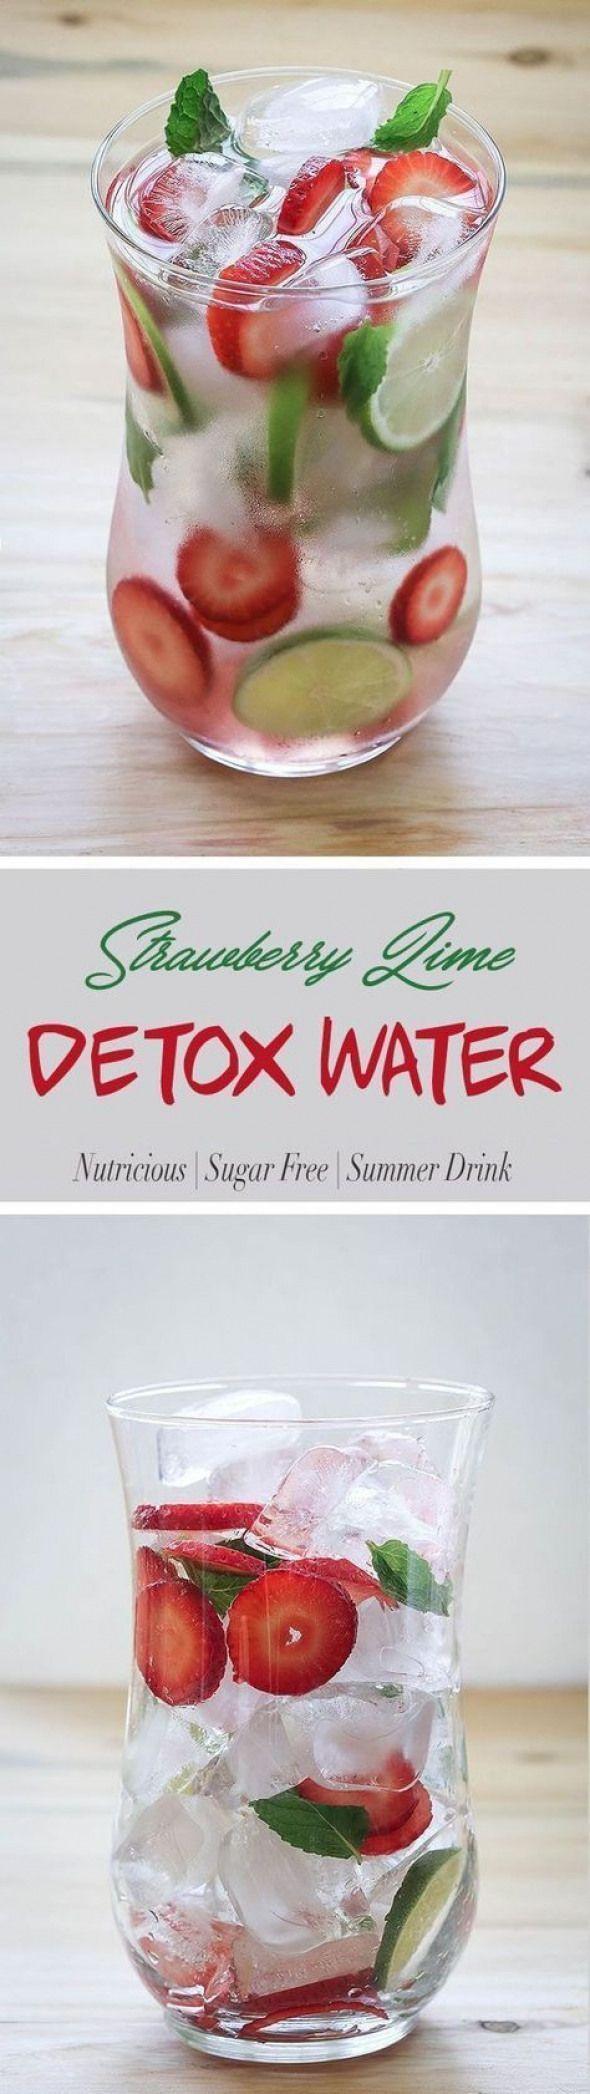 9 Detox-Wasser-Rezepte zur Gewichtsreduktion glühende Haut des flachen Bauches reinigt …, …   – Detox Drinks fat burning